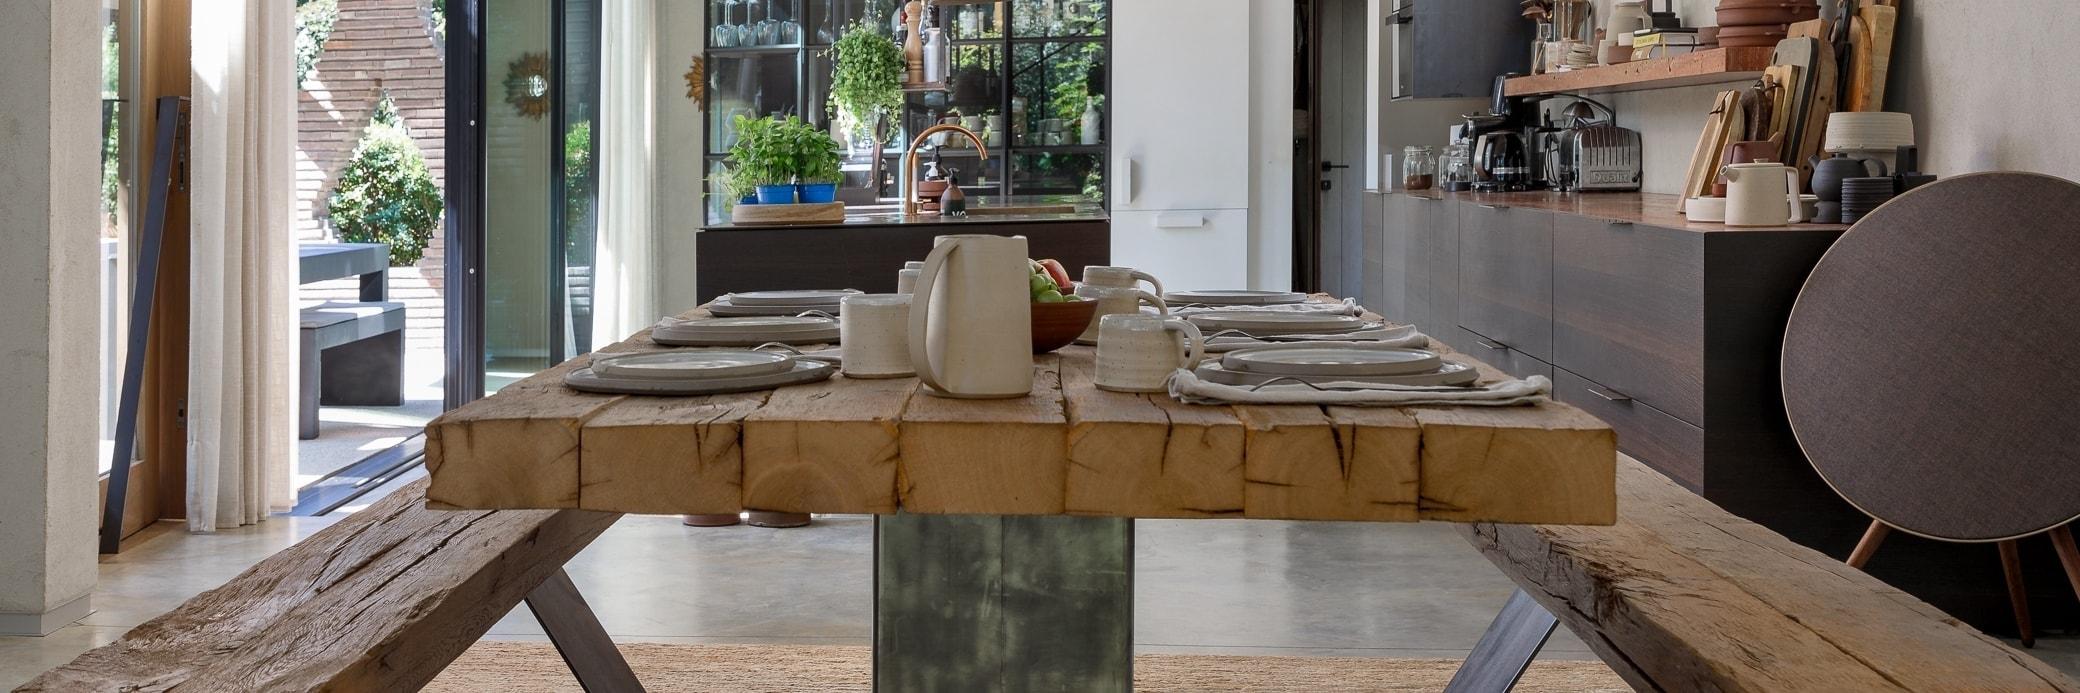 Tables à manger en bois ancien